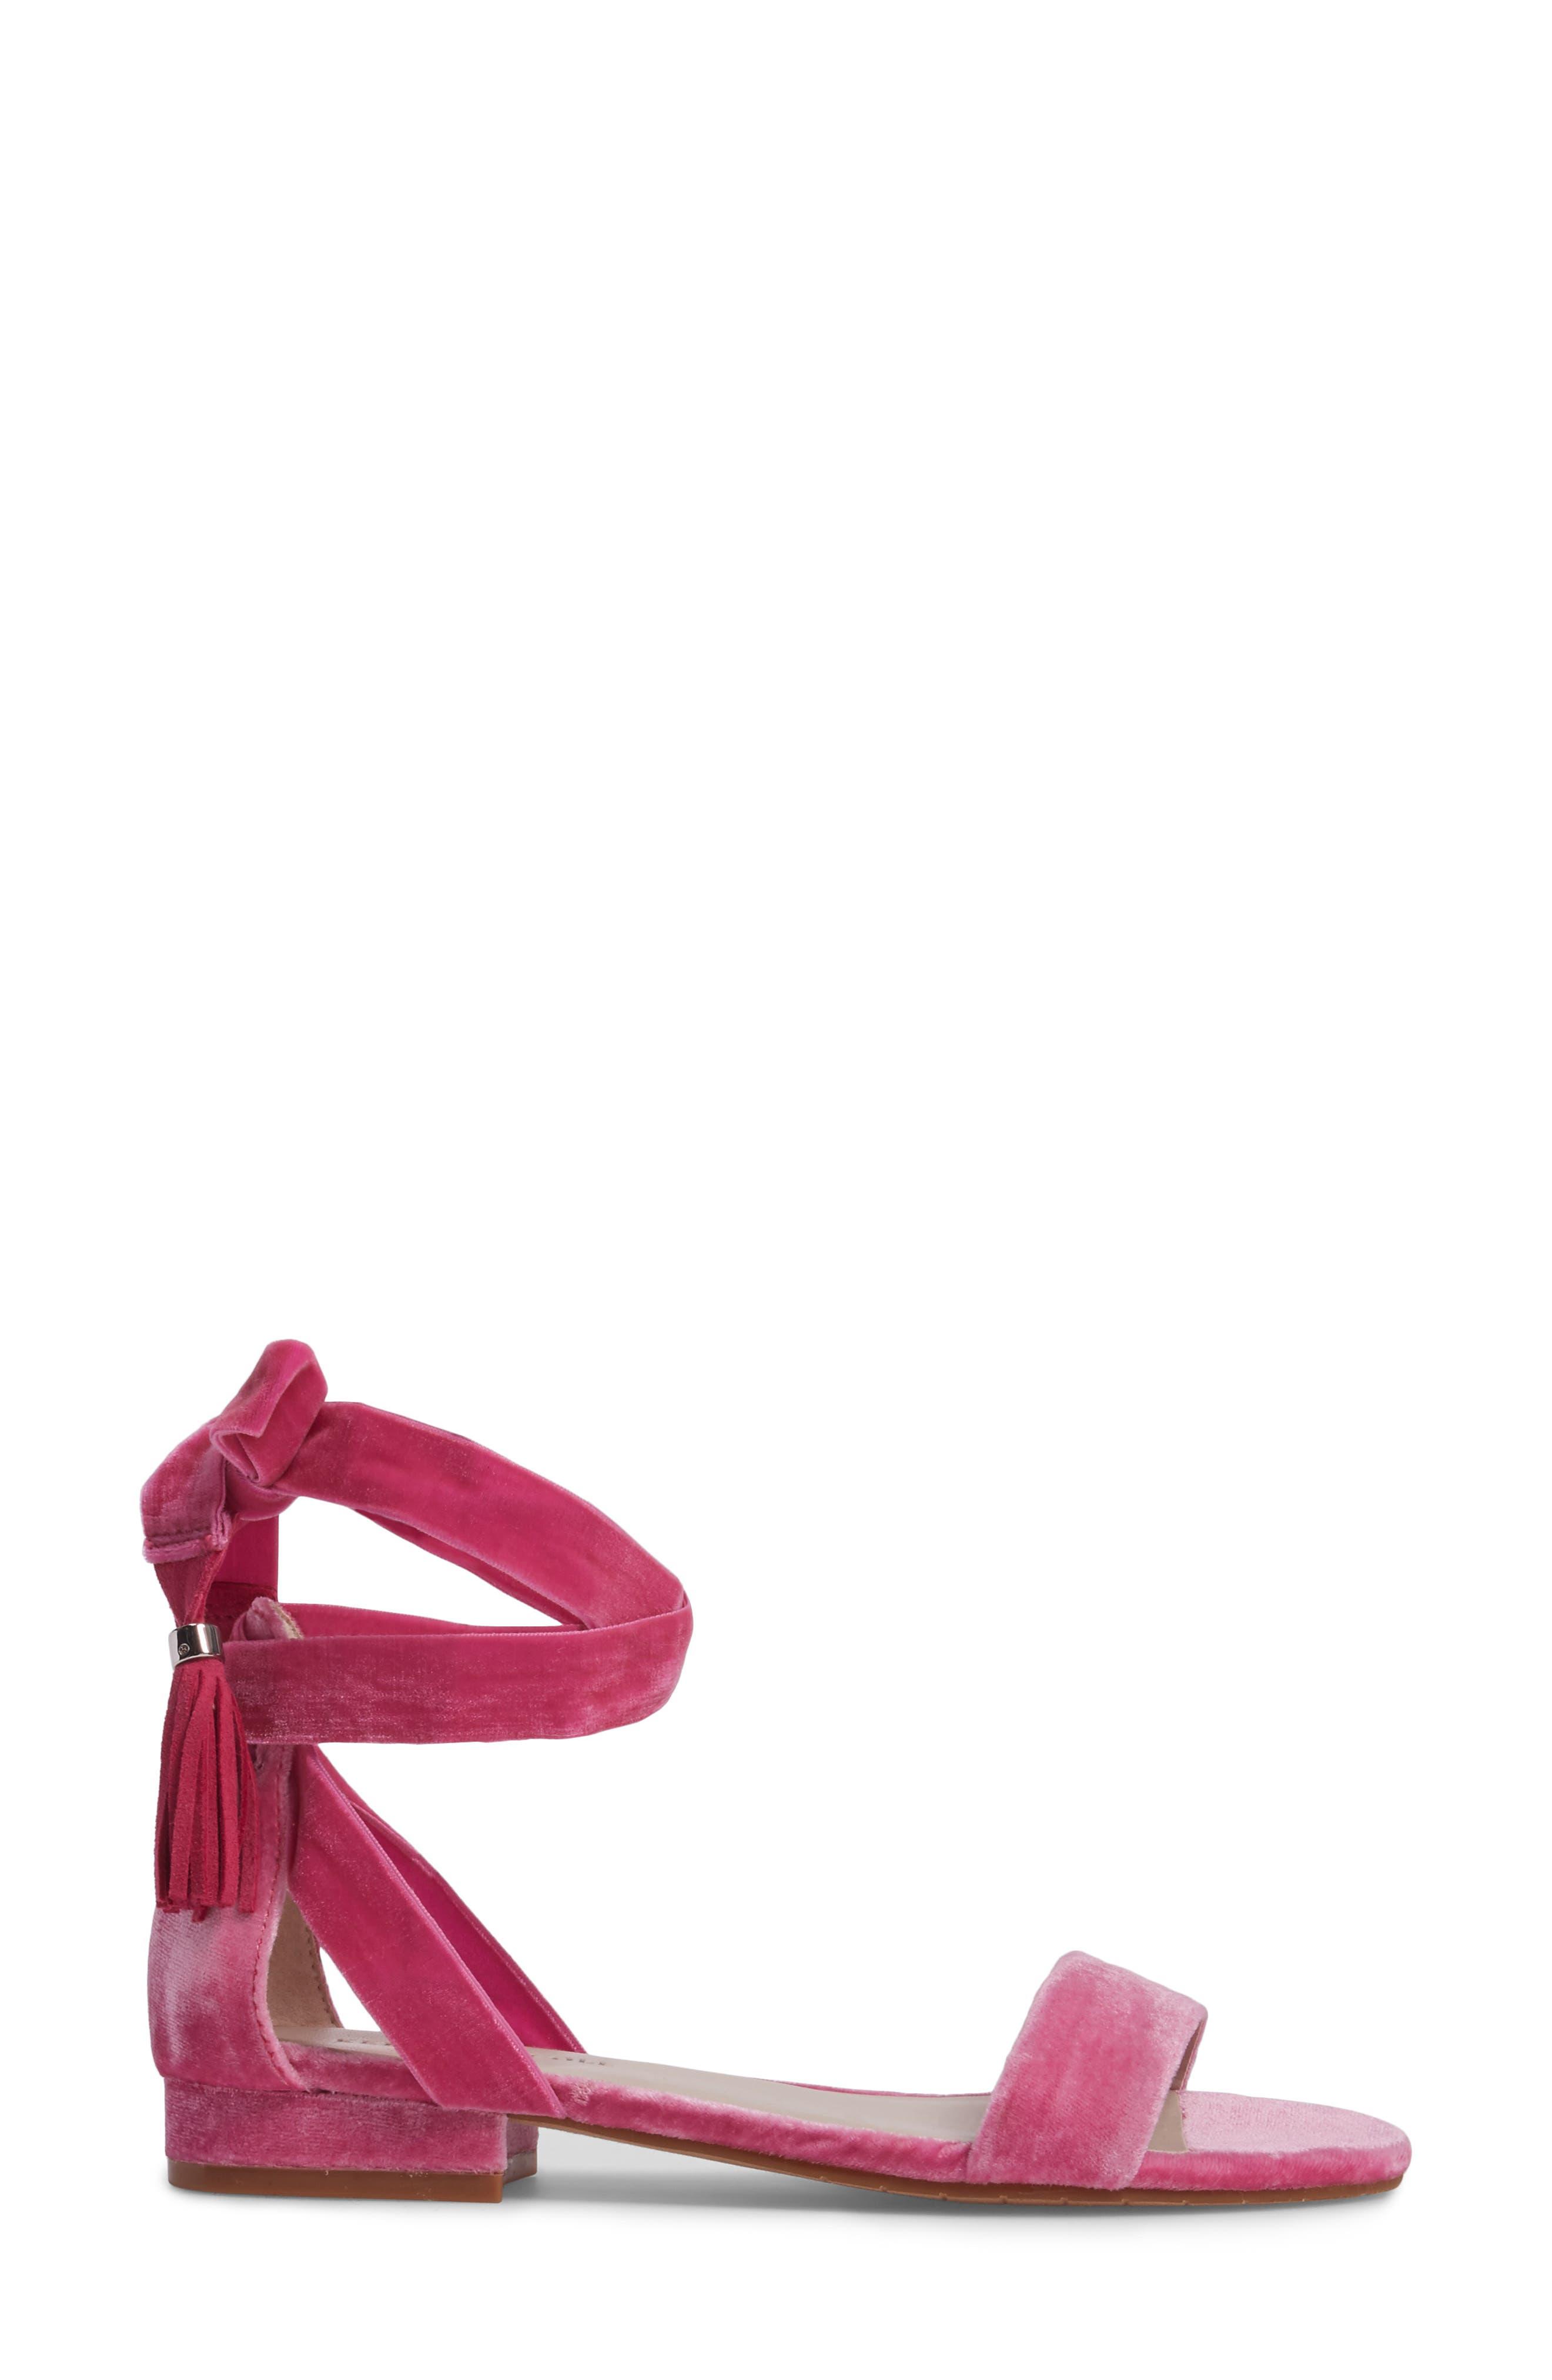 Valen Tassel Lace-Up Sandal,                             Alternate thumbnail 3, color,                             FUCHSIA VELVET